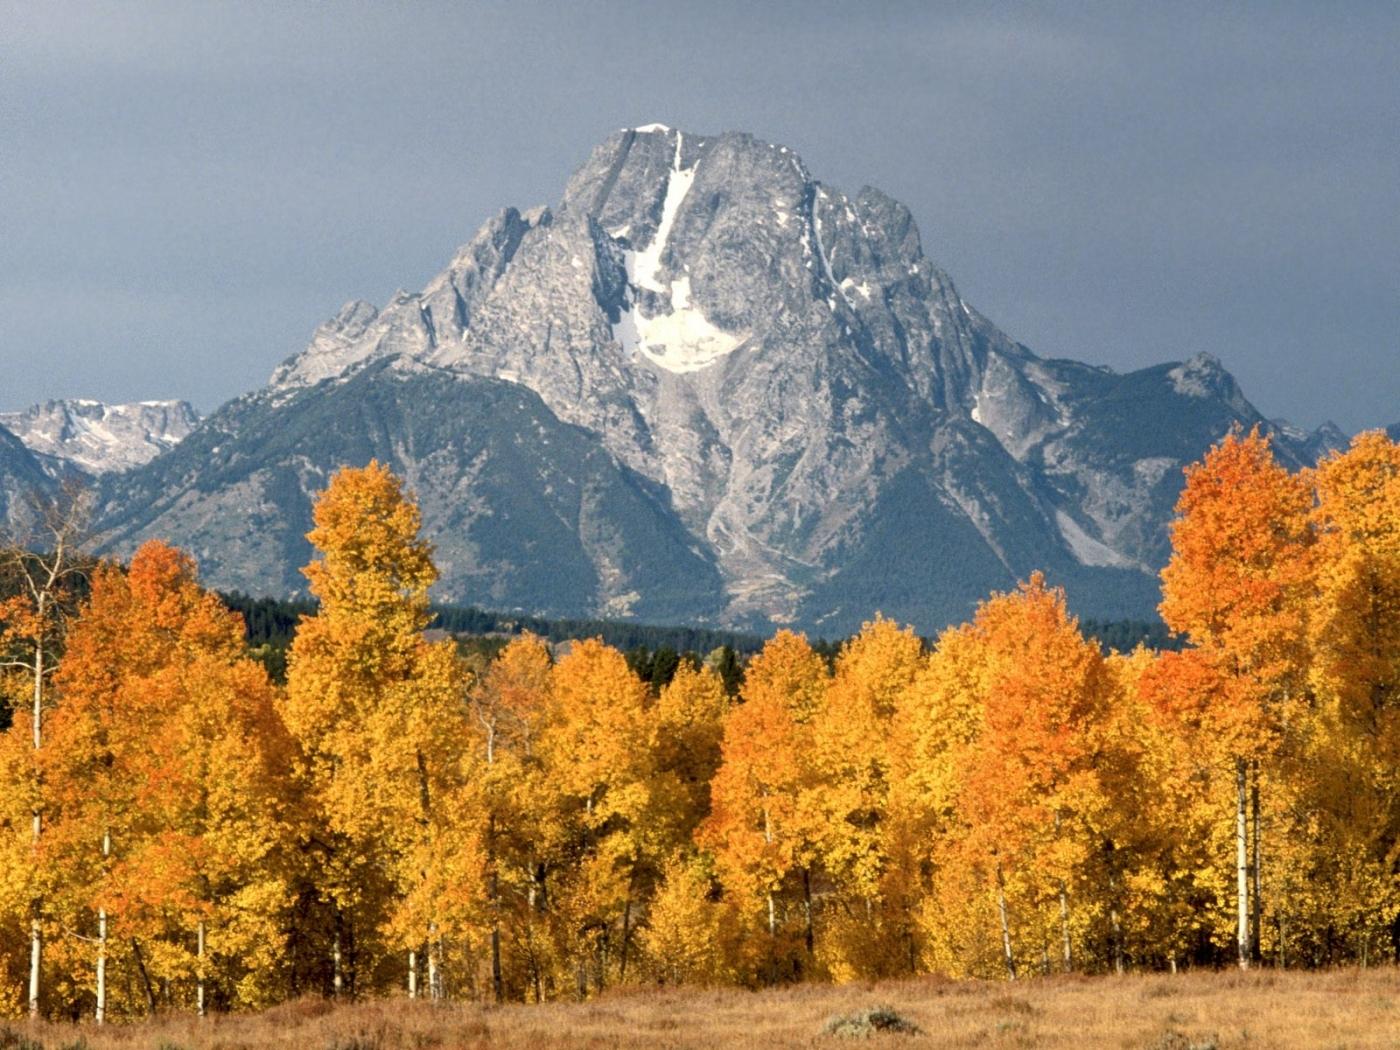 24034 скачать обои Пейзаж, Деревья, Горы, Осень - заставки и картинки бесплатно